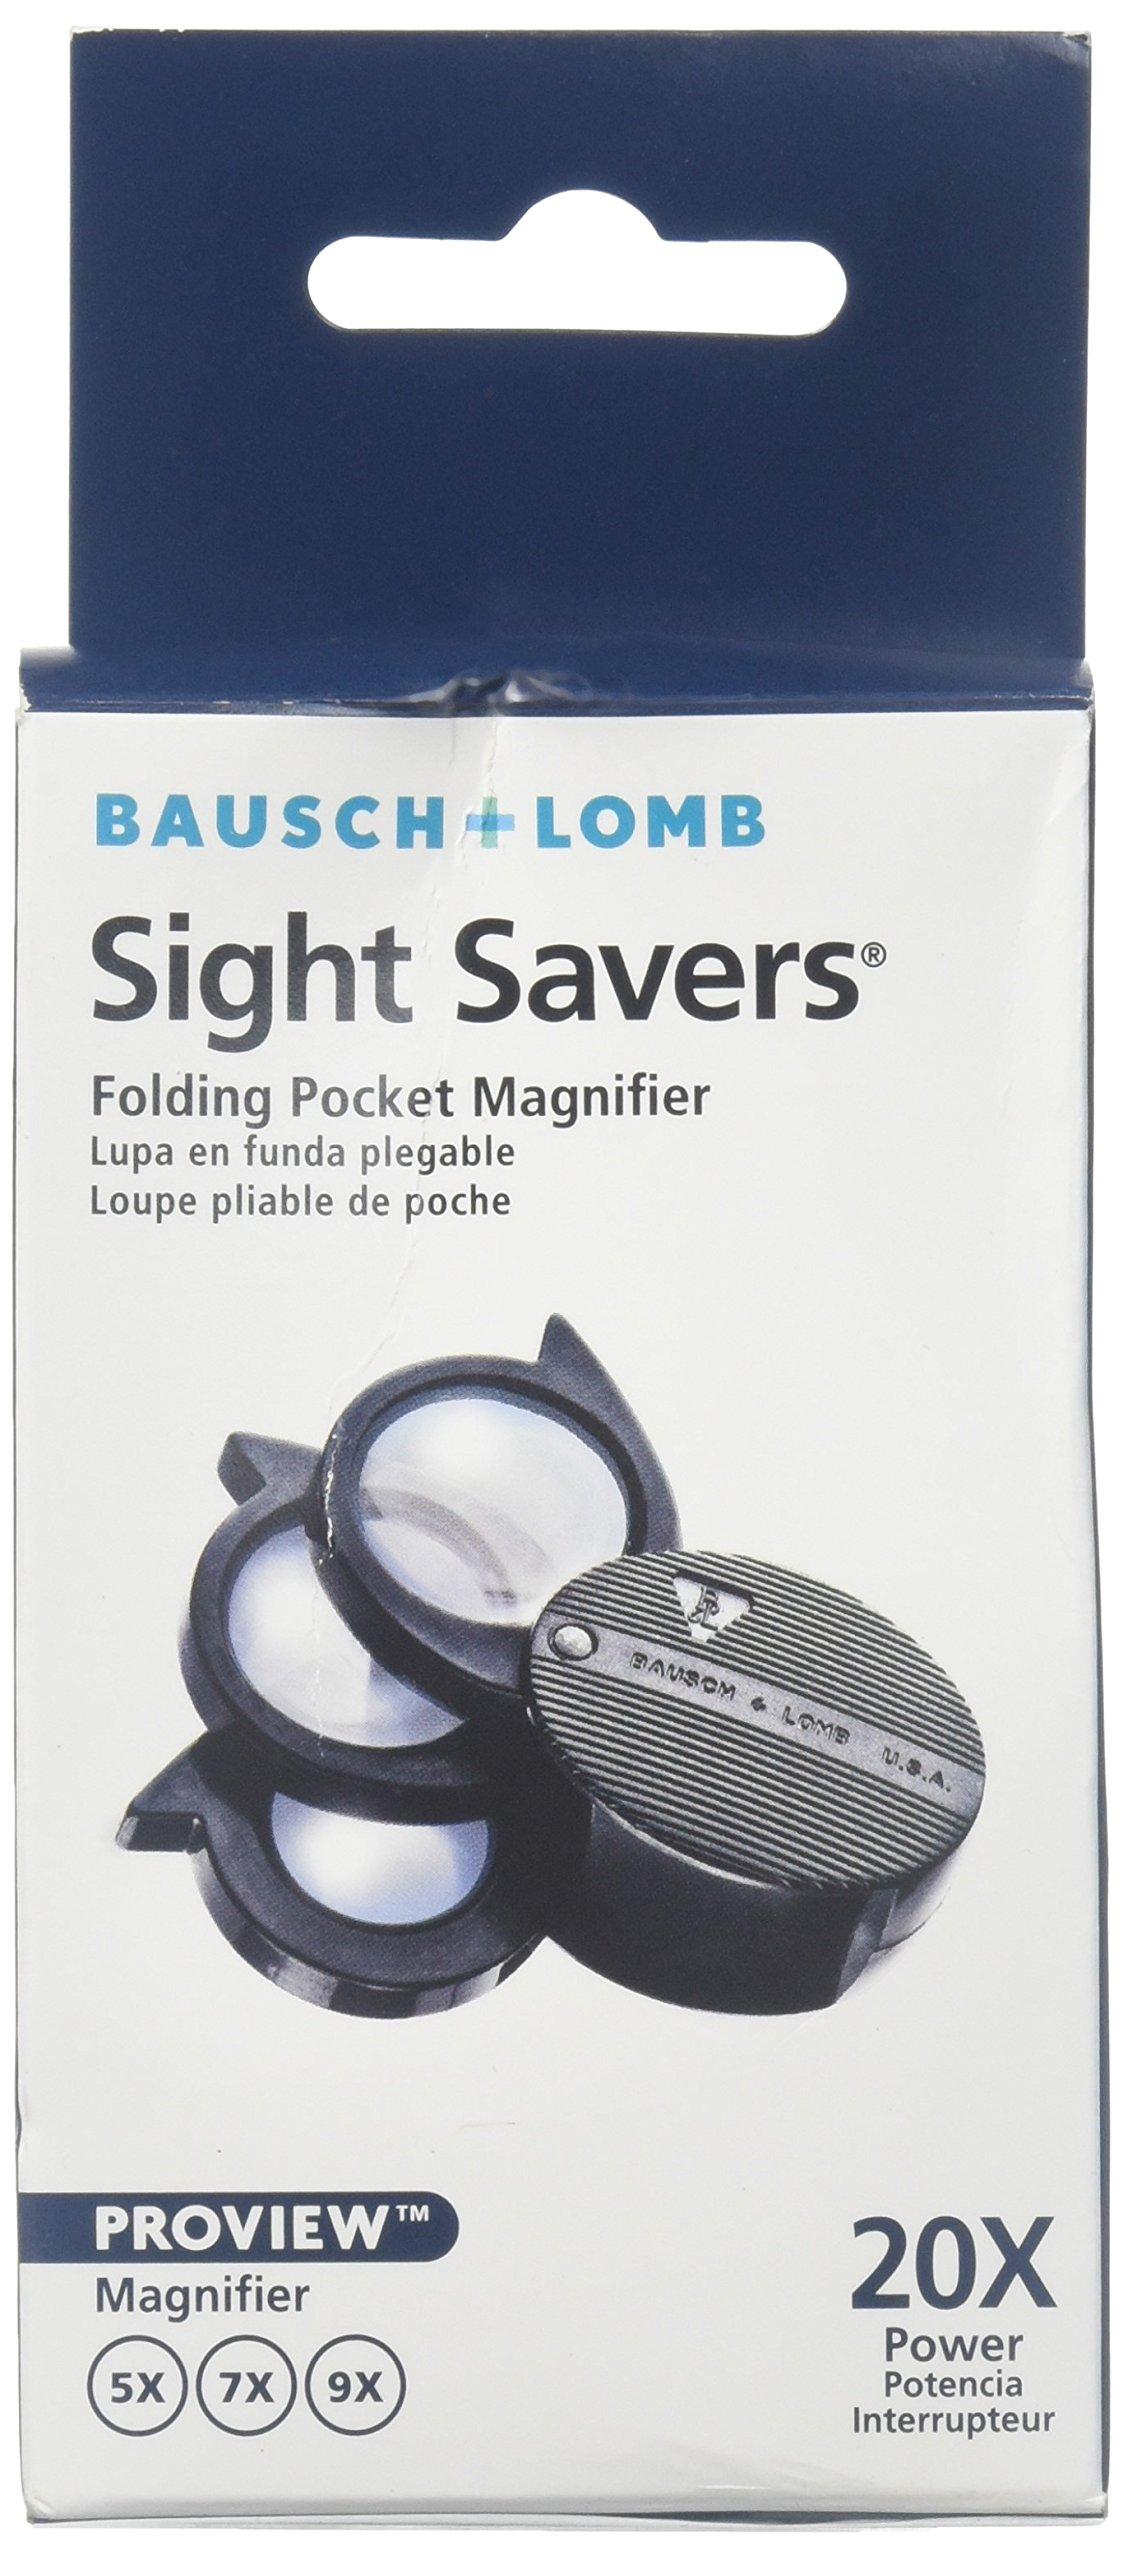 Bausch & Lomb Folding Pocket Magnifier, 5-20x